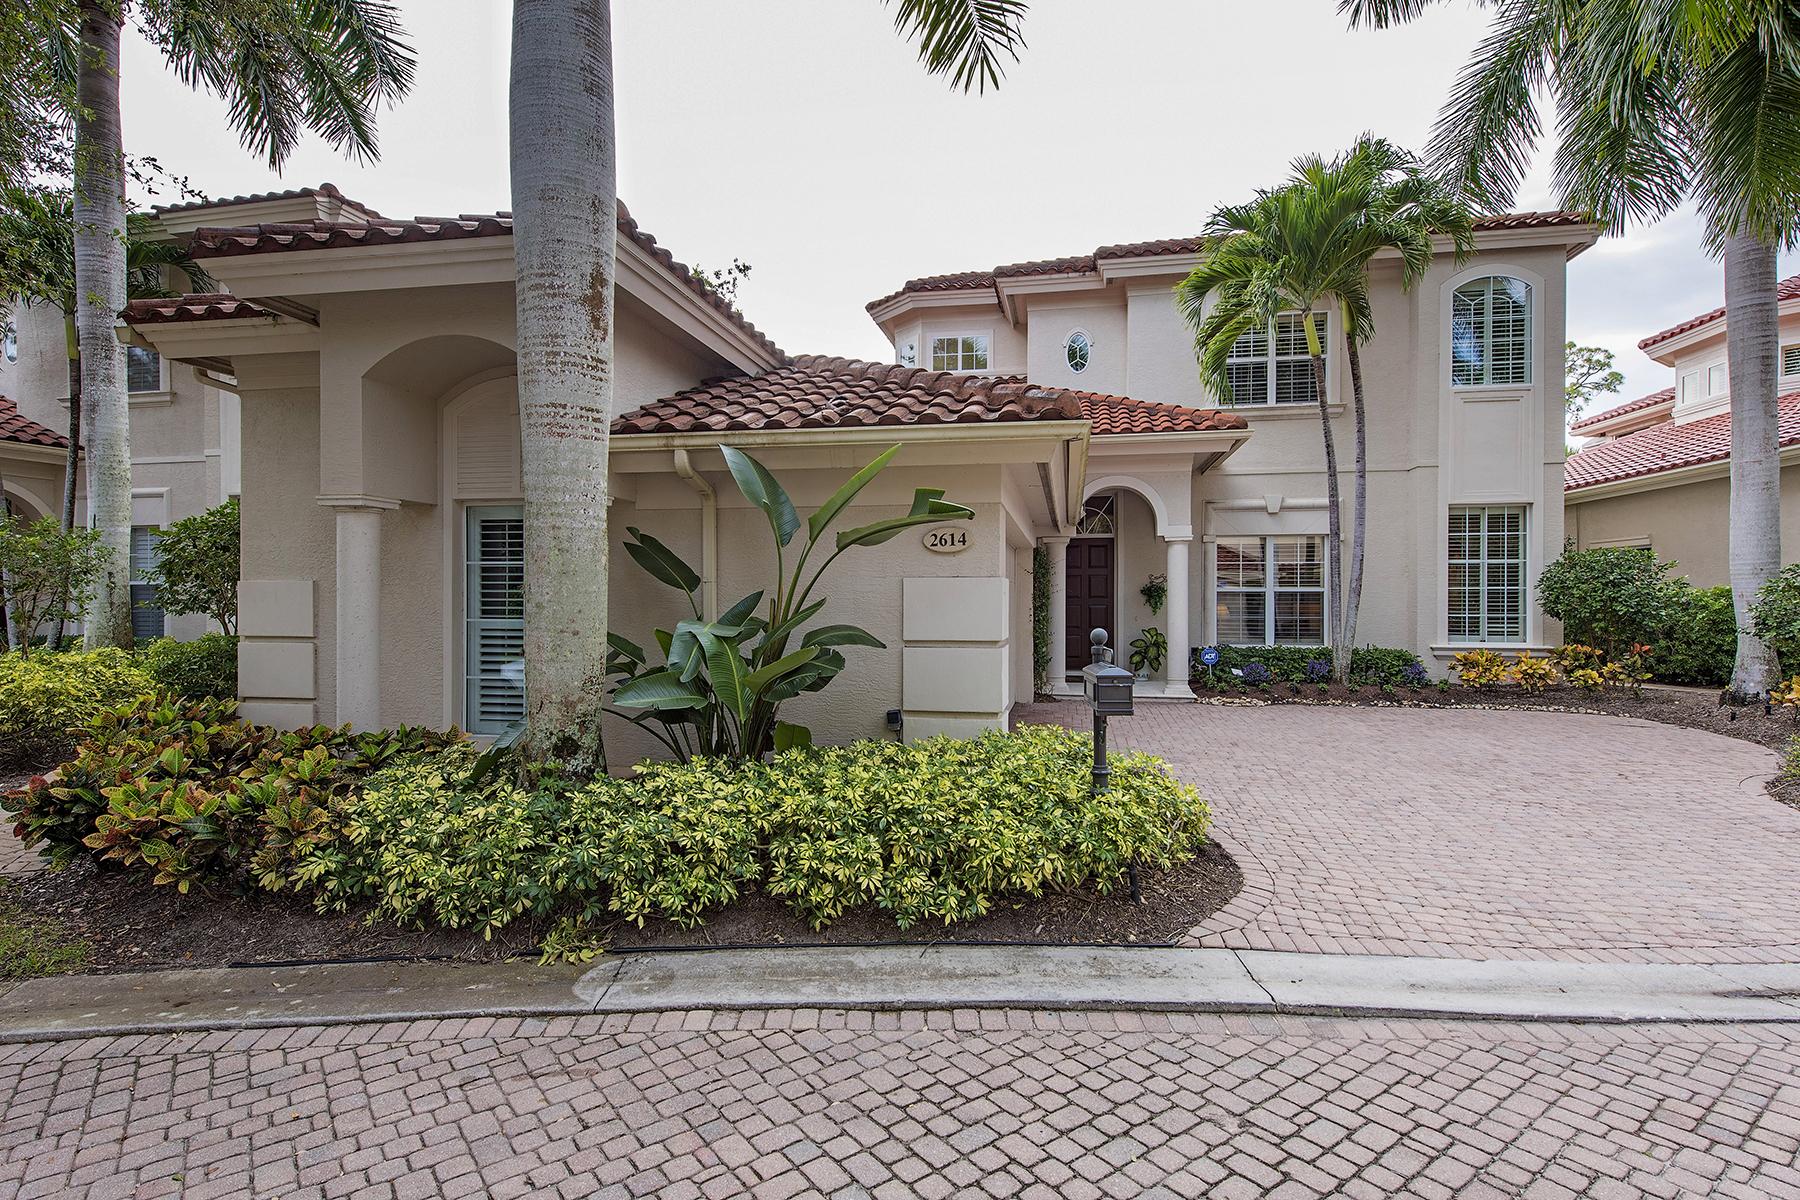 Частный односемейный дом для того Продажа на GREY OAKS - L'ERMITAGE AT GREY OAKS 2614 Lermitage Ln Naples, Флорида, 34105 Соединенные Штаты